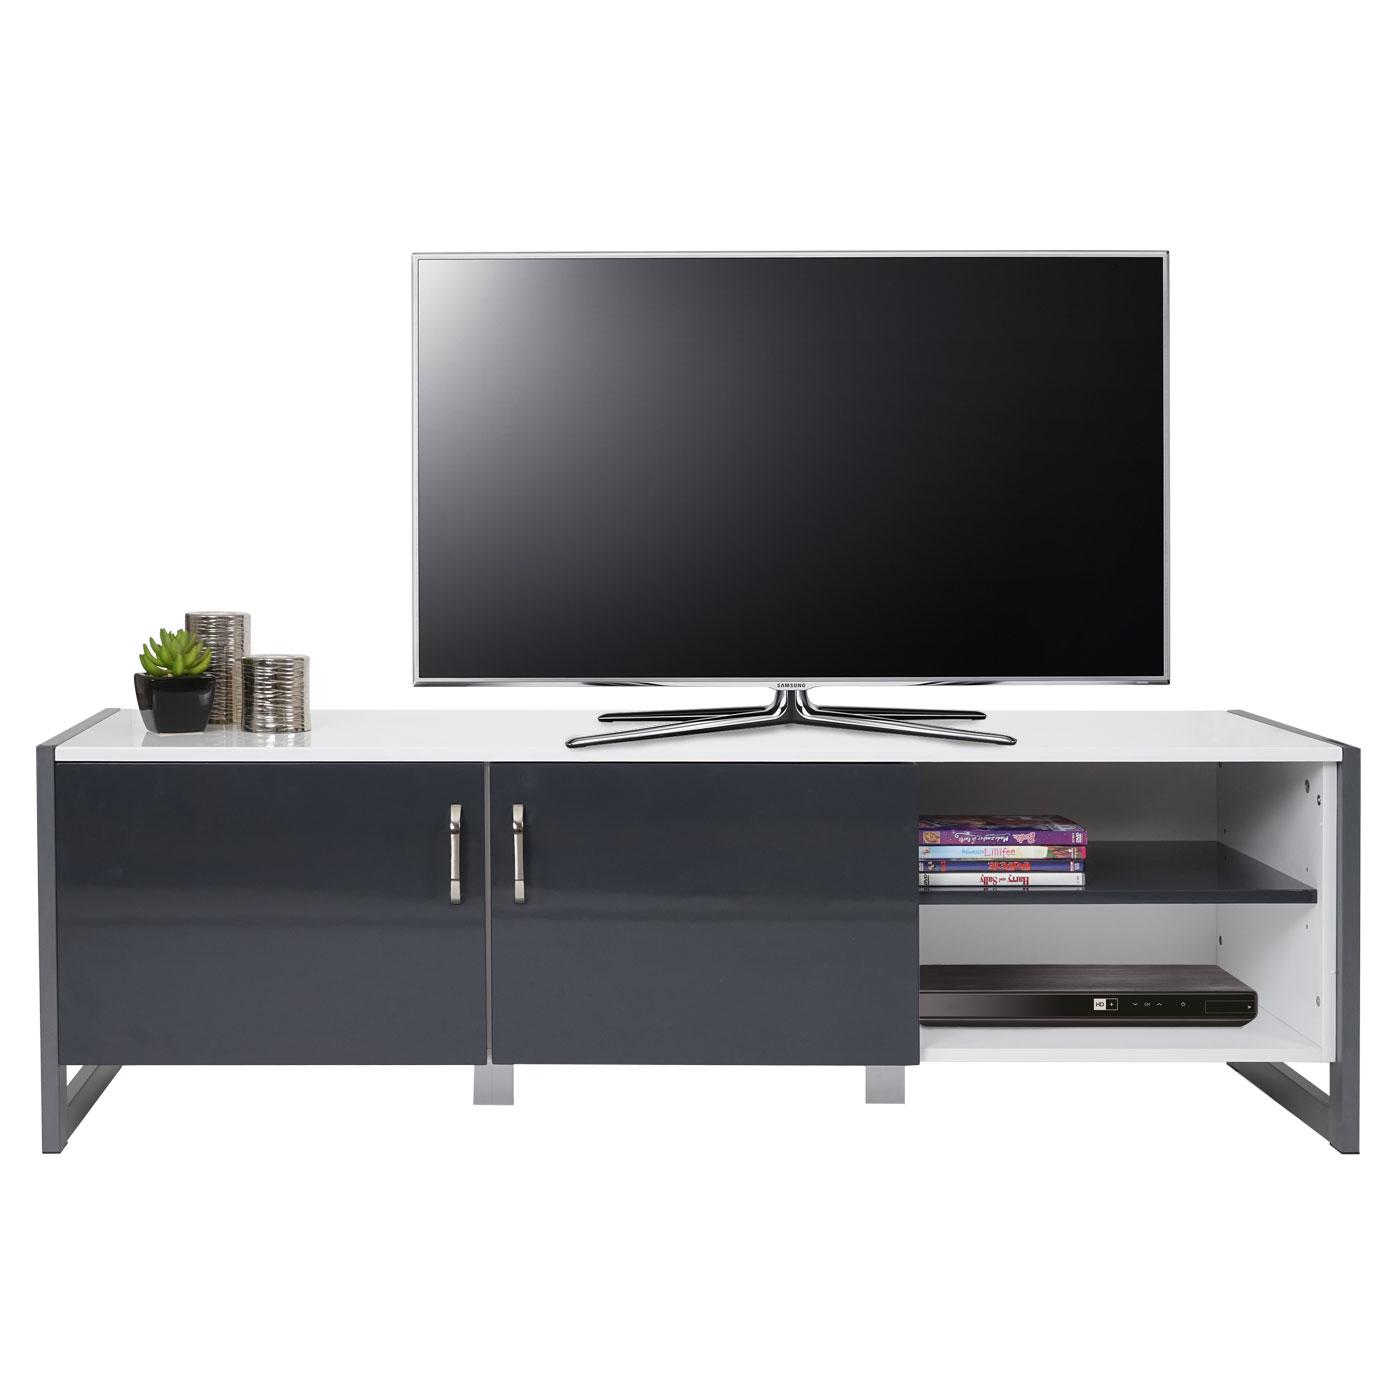 TV-Rack HWC-B27, Fernsehtisch Lowboard, Hochglanz 140x45x40cm, weiß ...